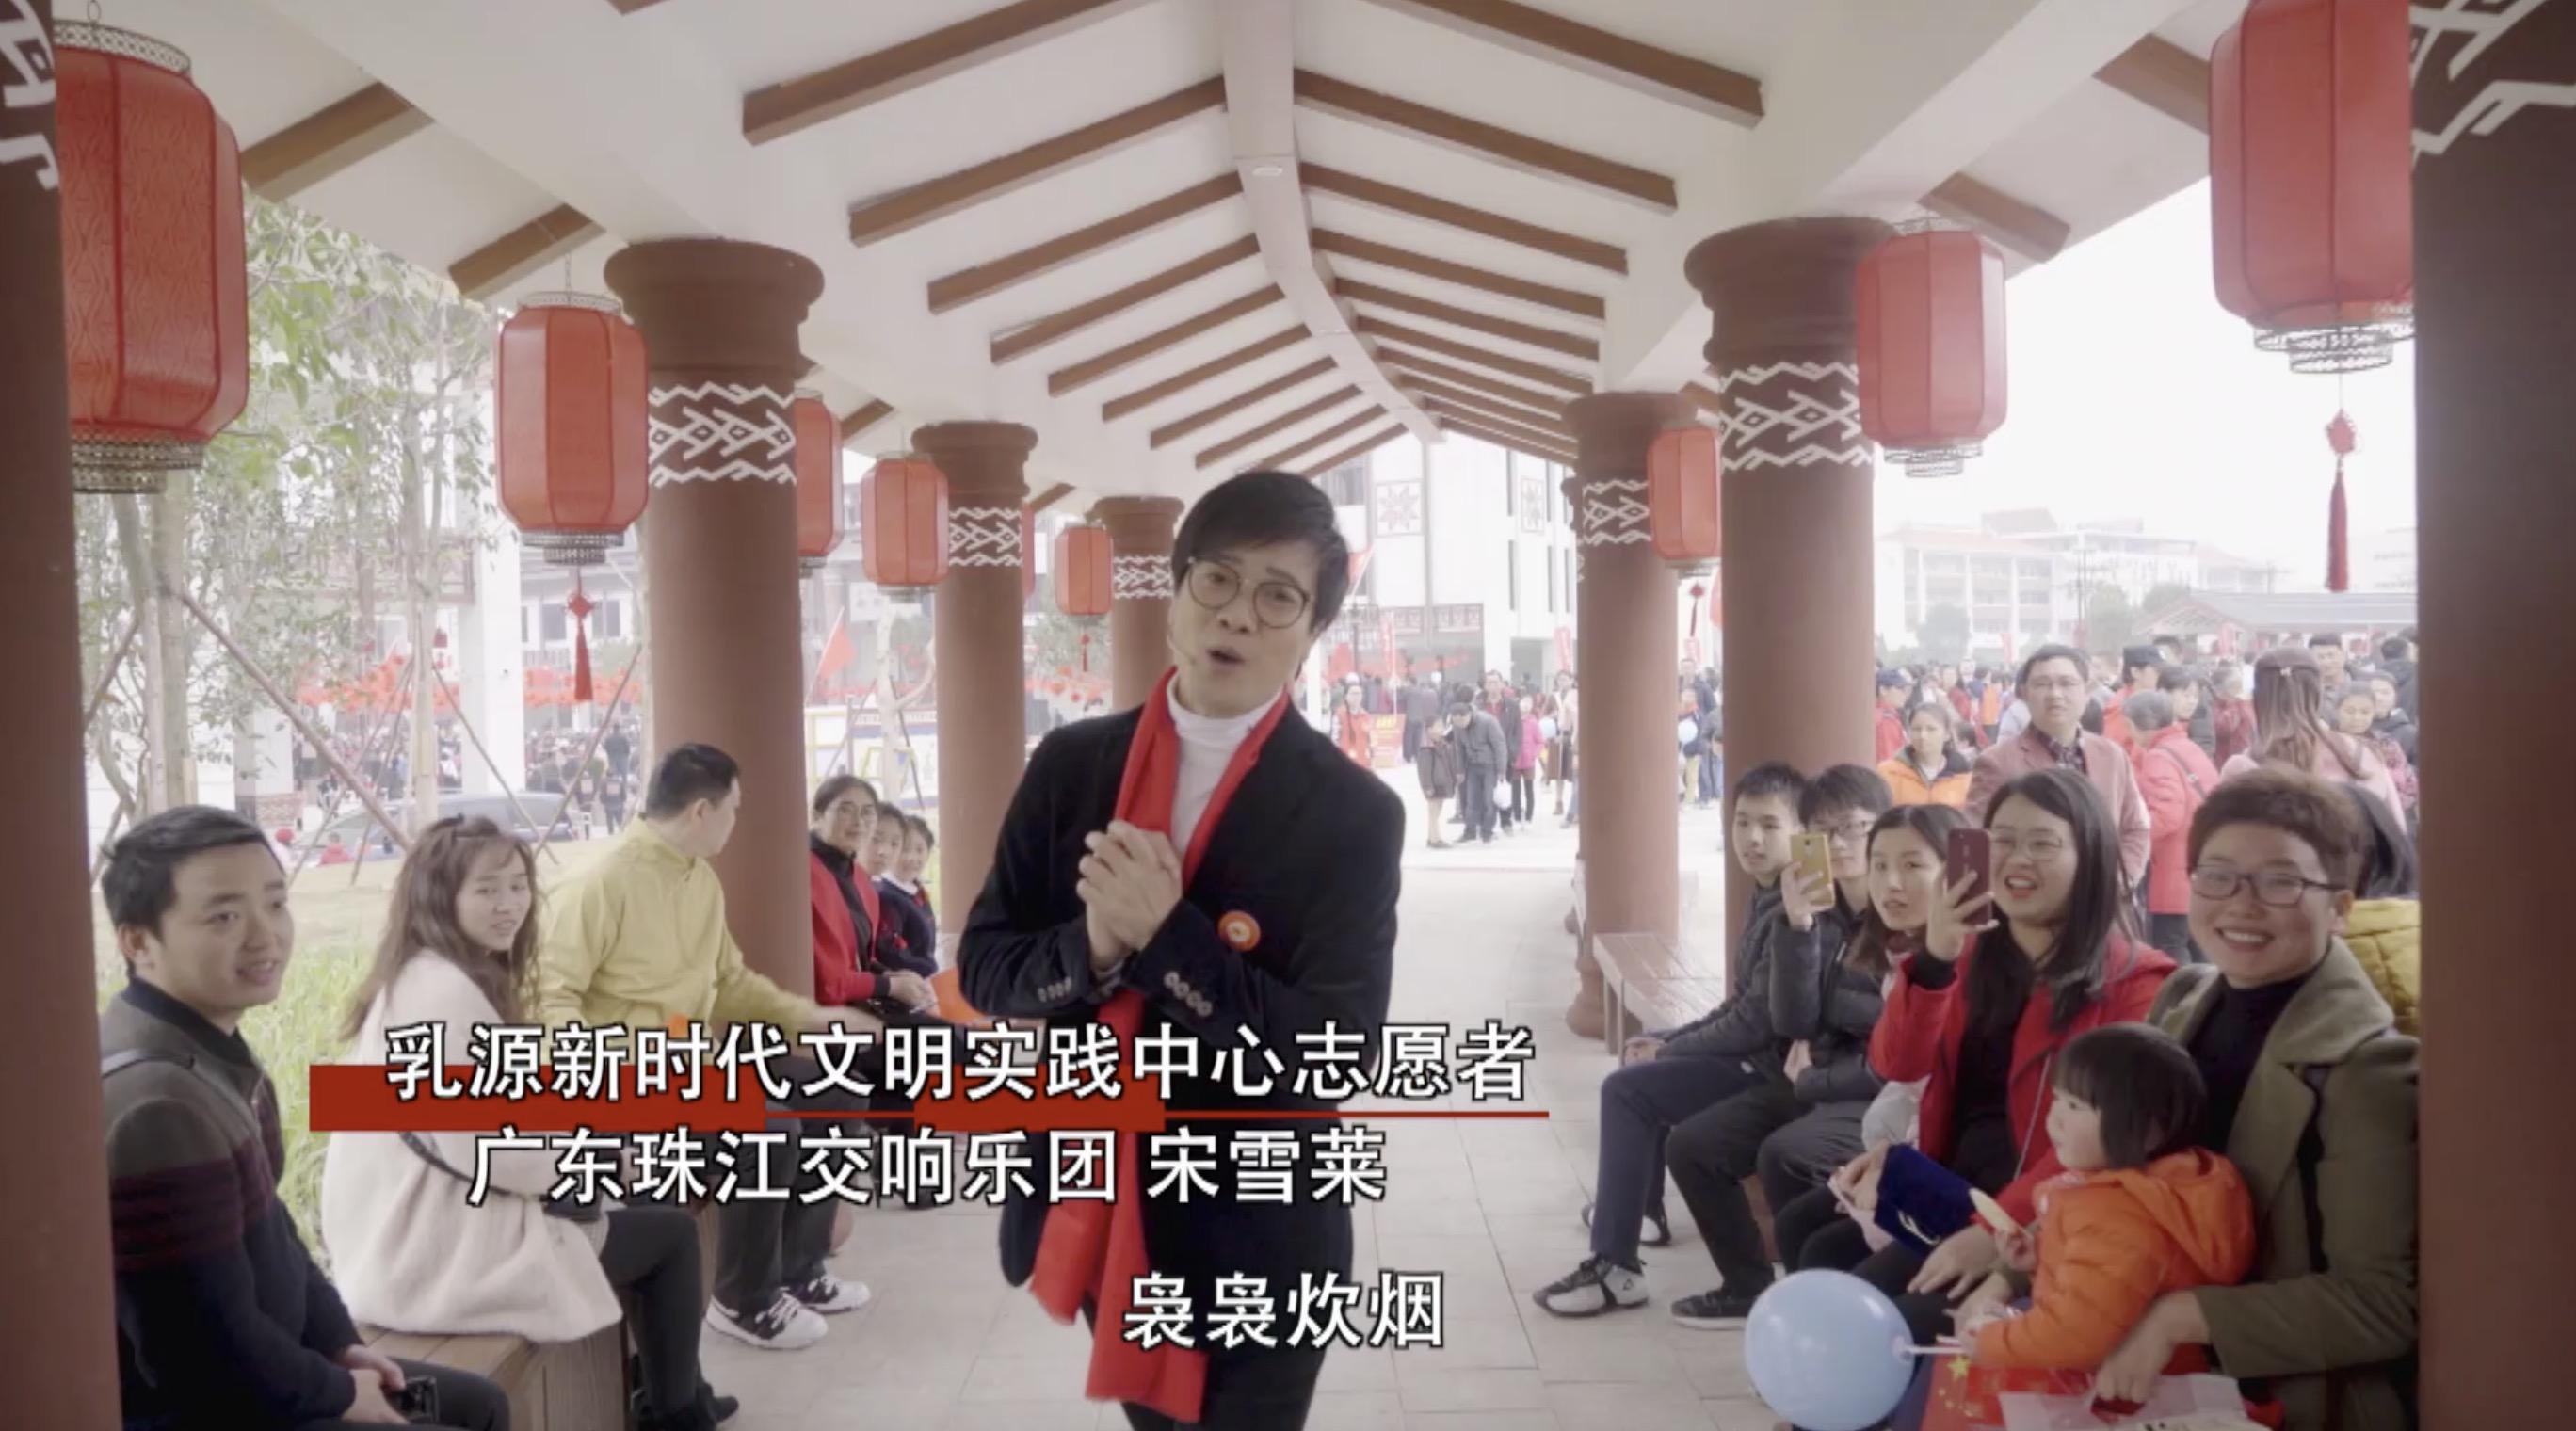 人群中,跑出来一群身穿瑶族传统衣饰的孩子,他们欢乐地跳起瑶乡舞蹈,舞姿轻盈,四周大众也被孩子们所沾染,纷纷上前围观、摄影,参加独唱,现场一片喜庆热闹。